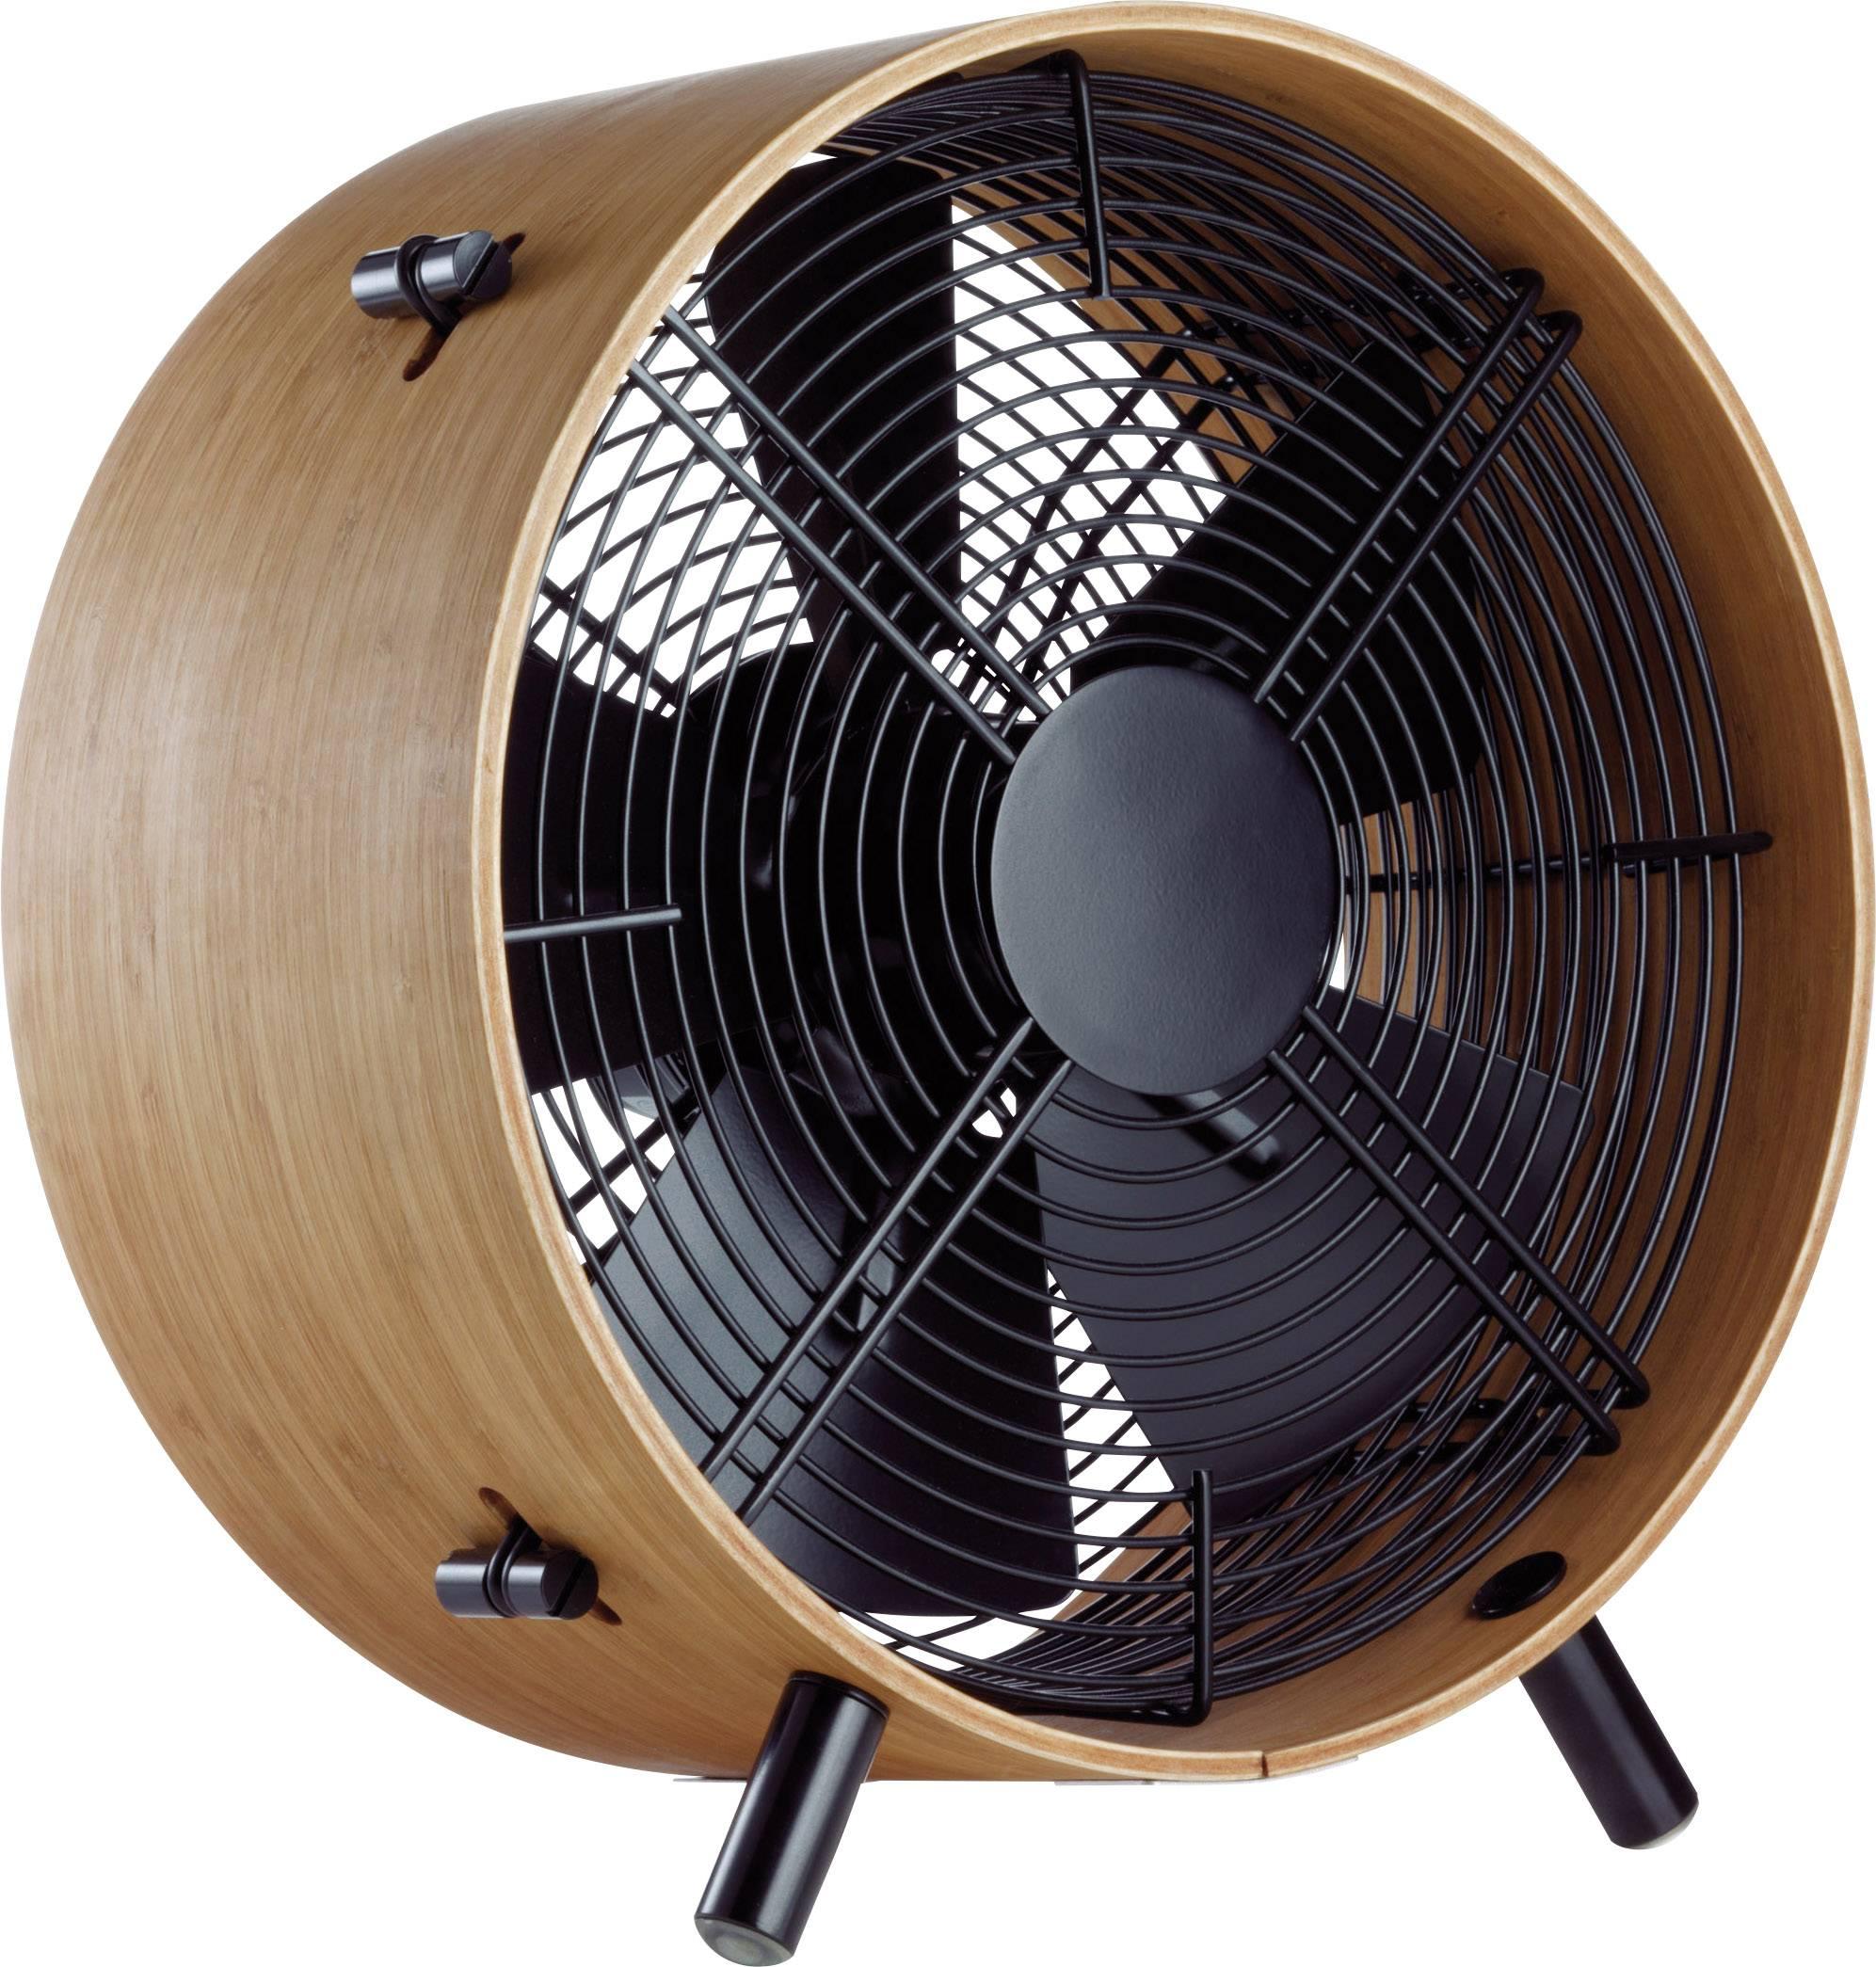 Podlahové, stolní ventilátory